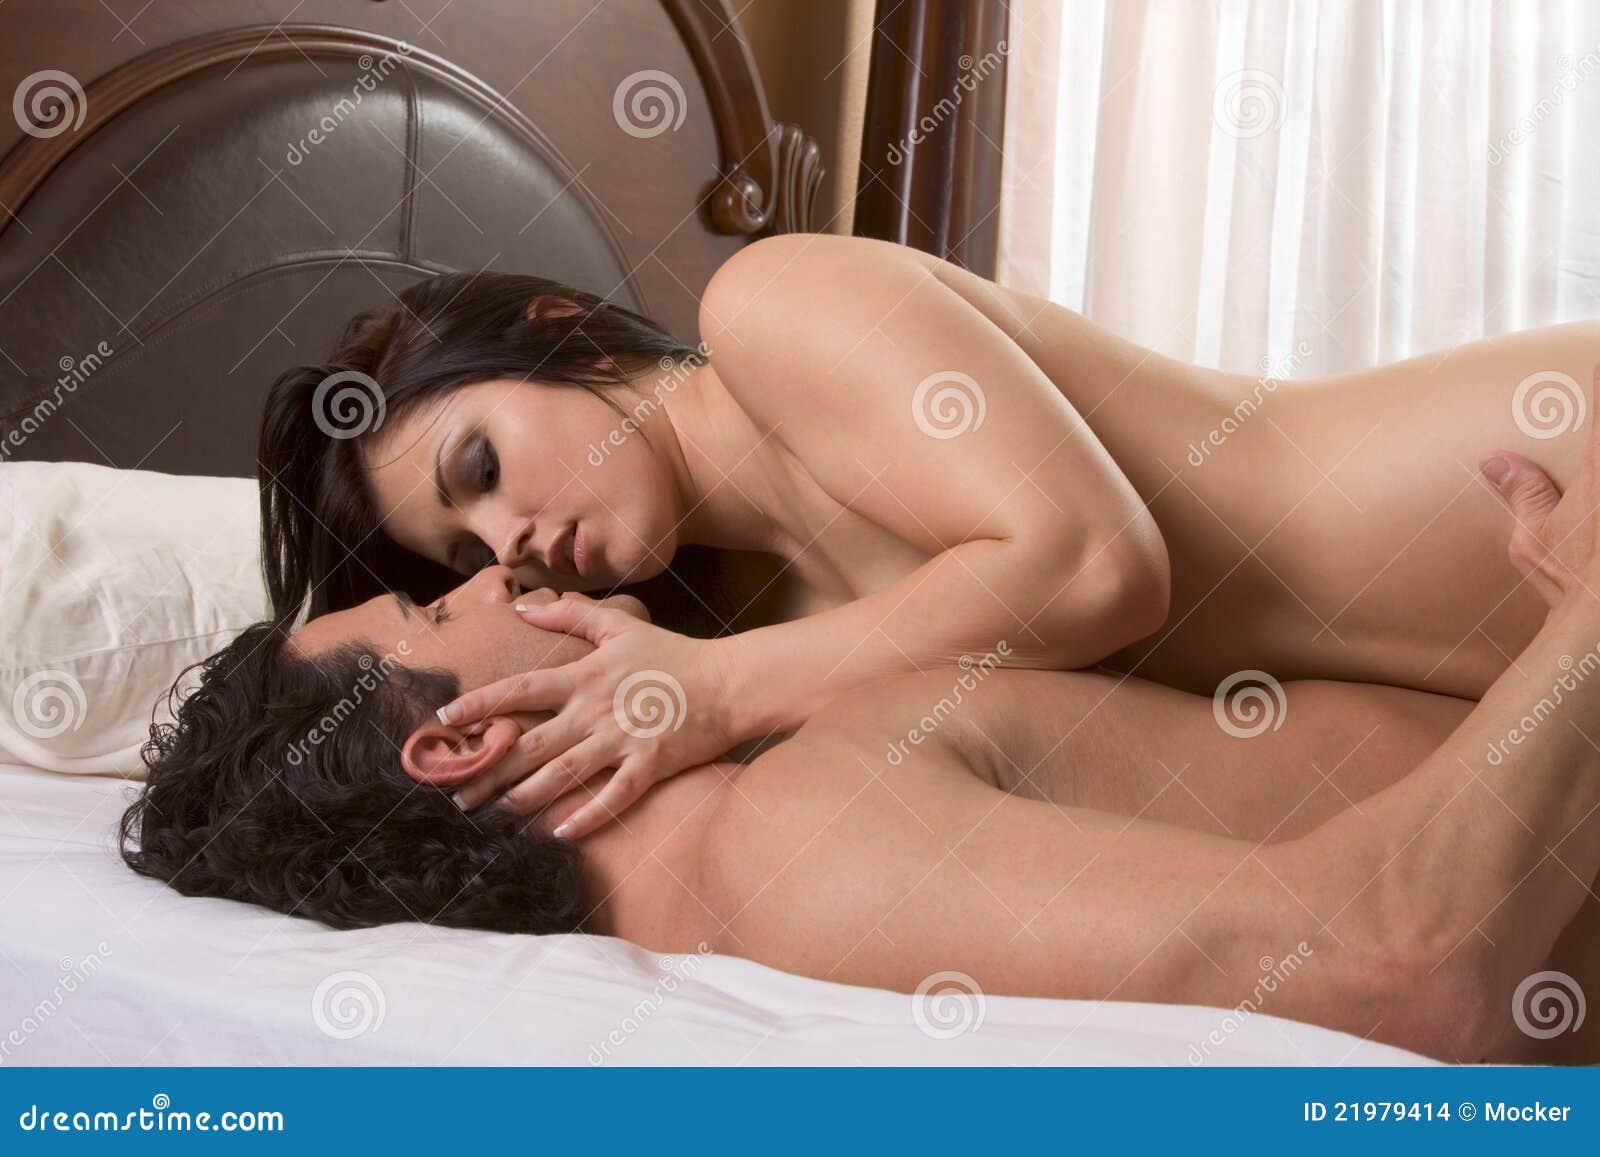 zu jung zum ficken intimmassage mann